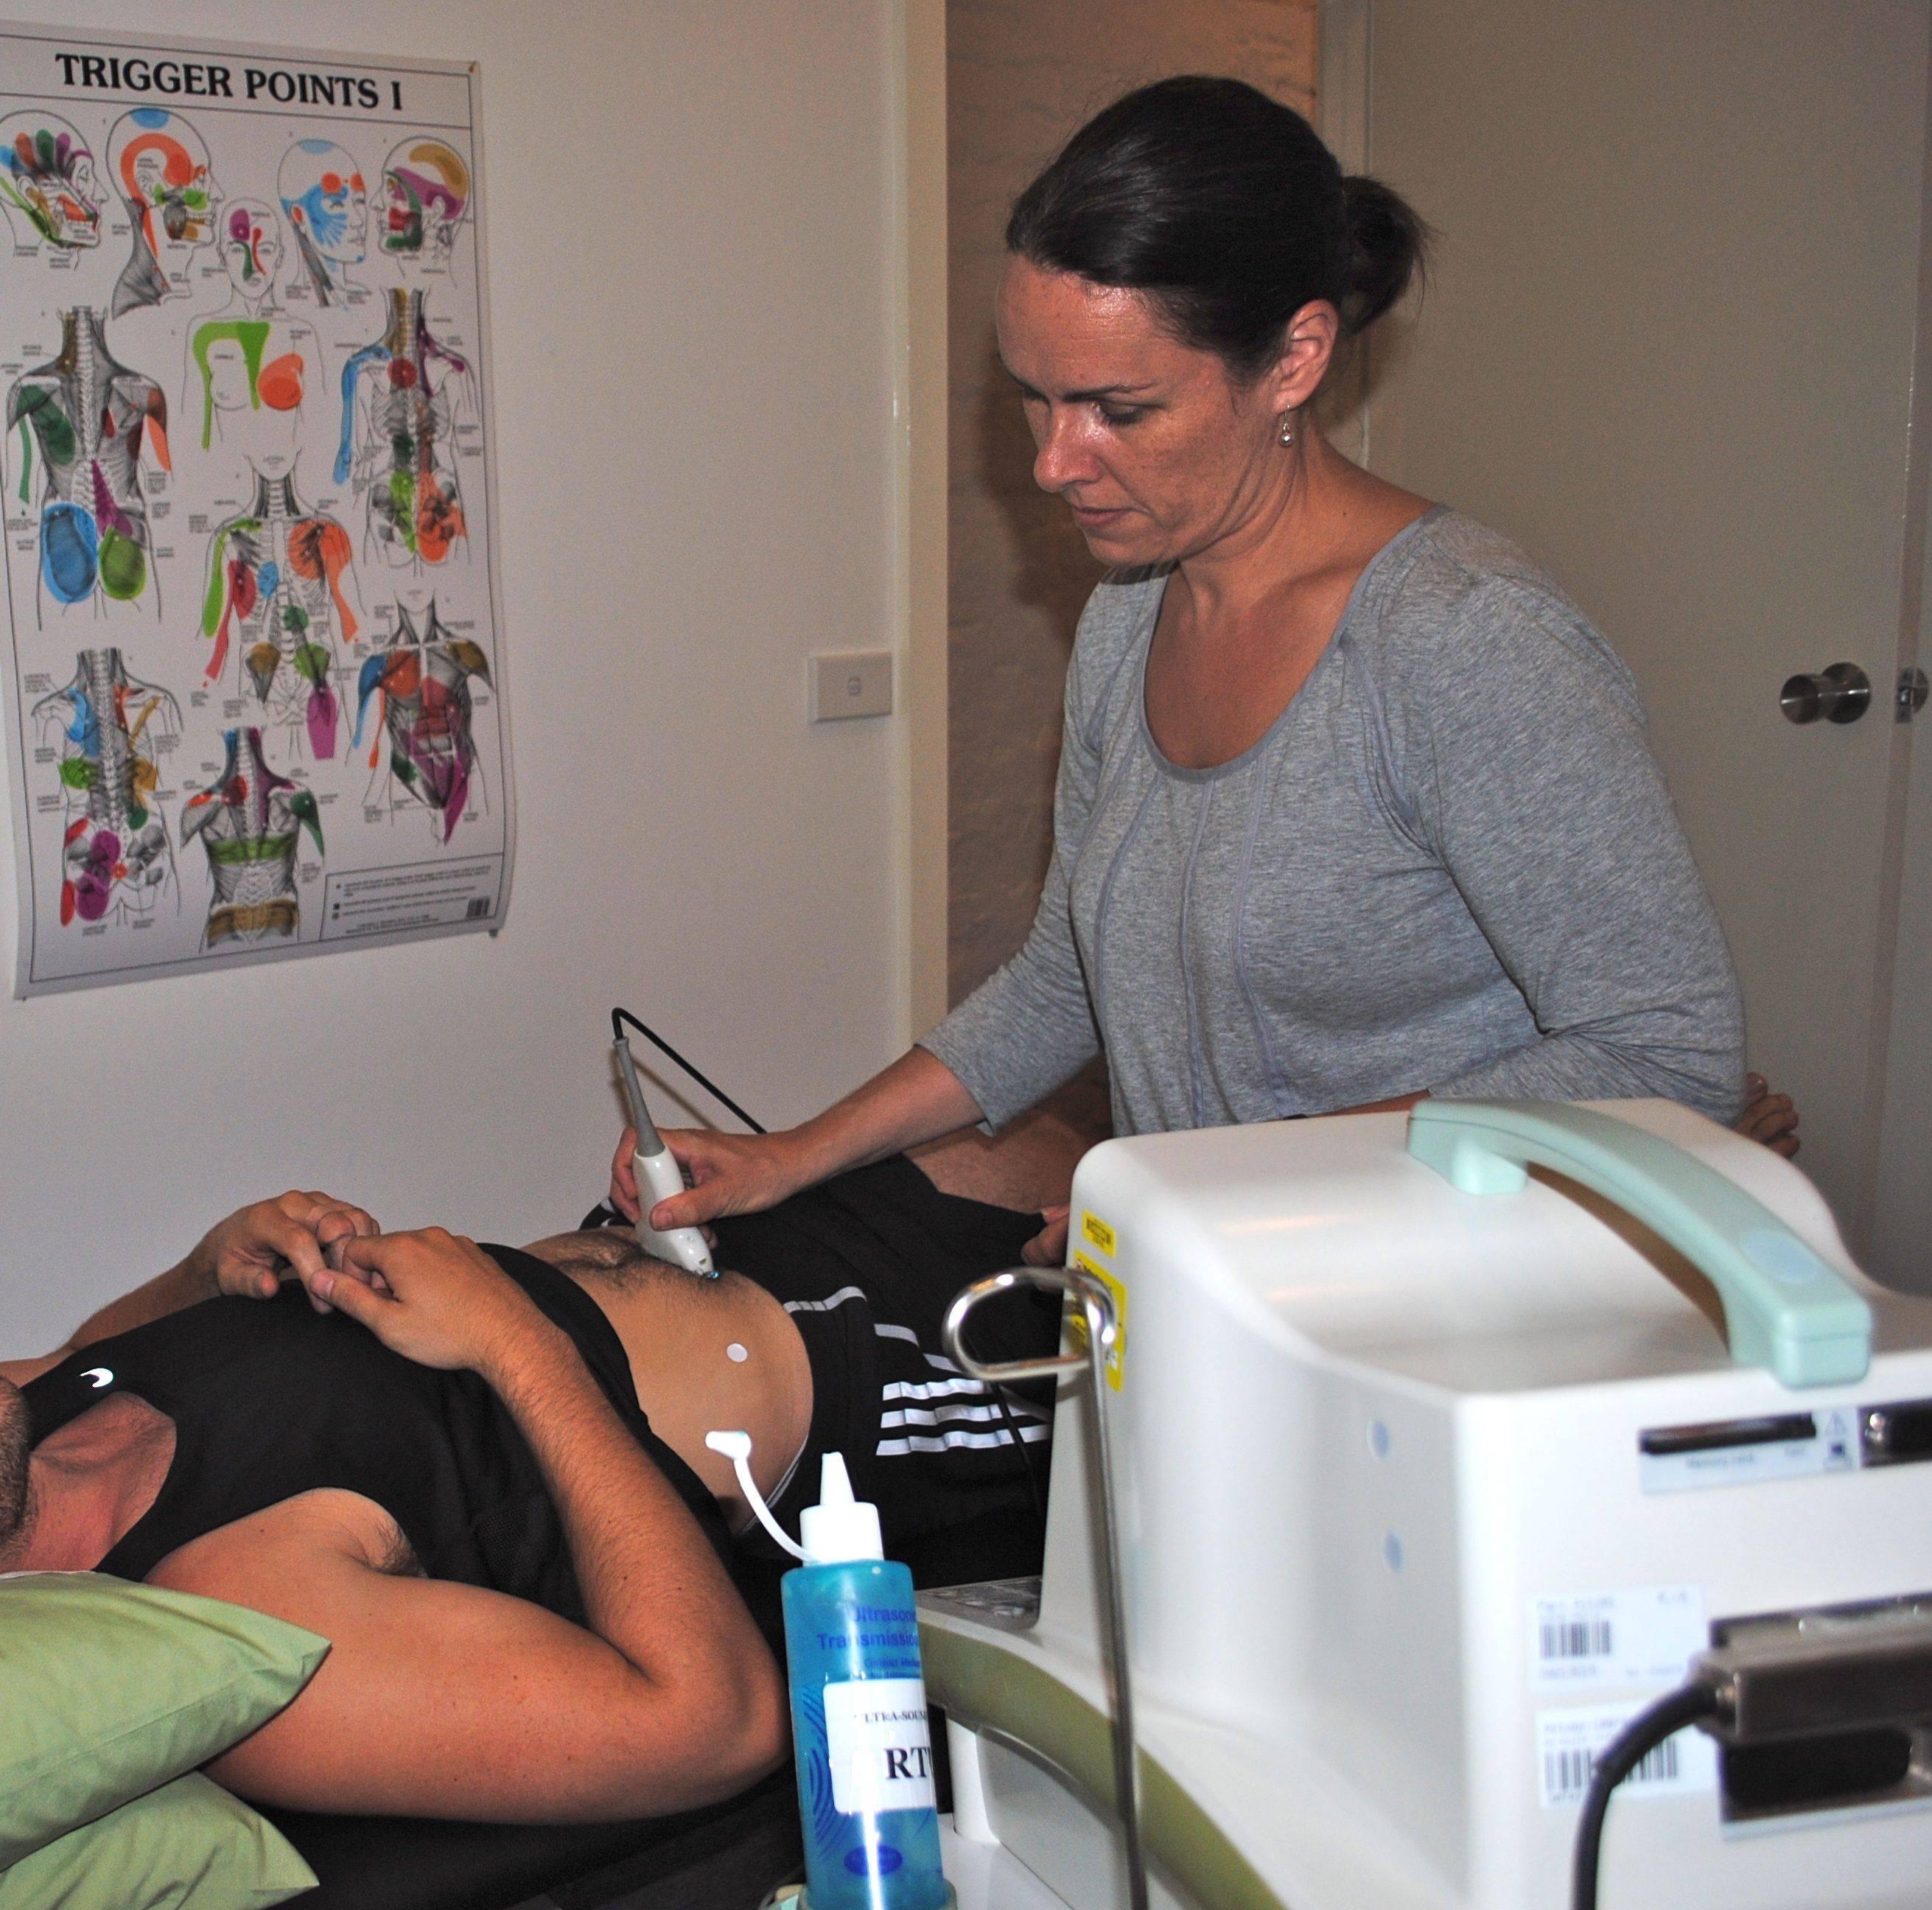 Физиотерапия в практической гинекологии: патологии, методы, плюсы и минусы процедур